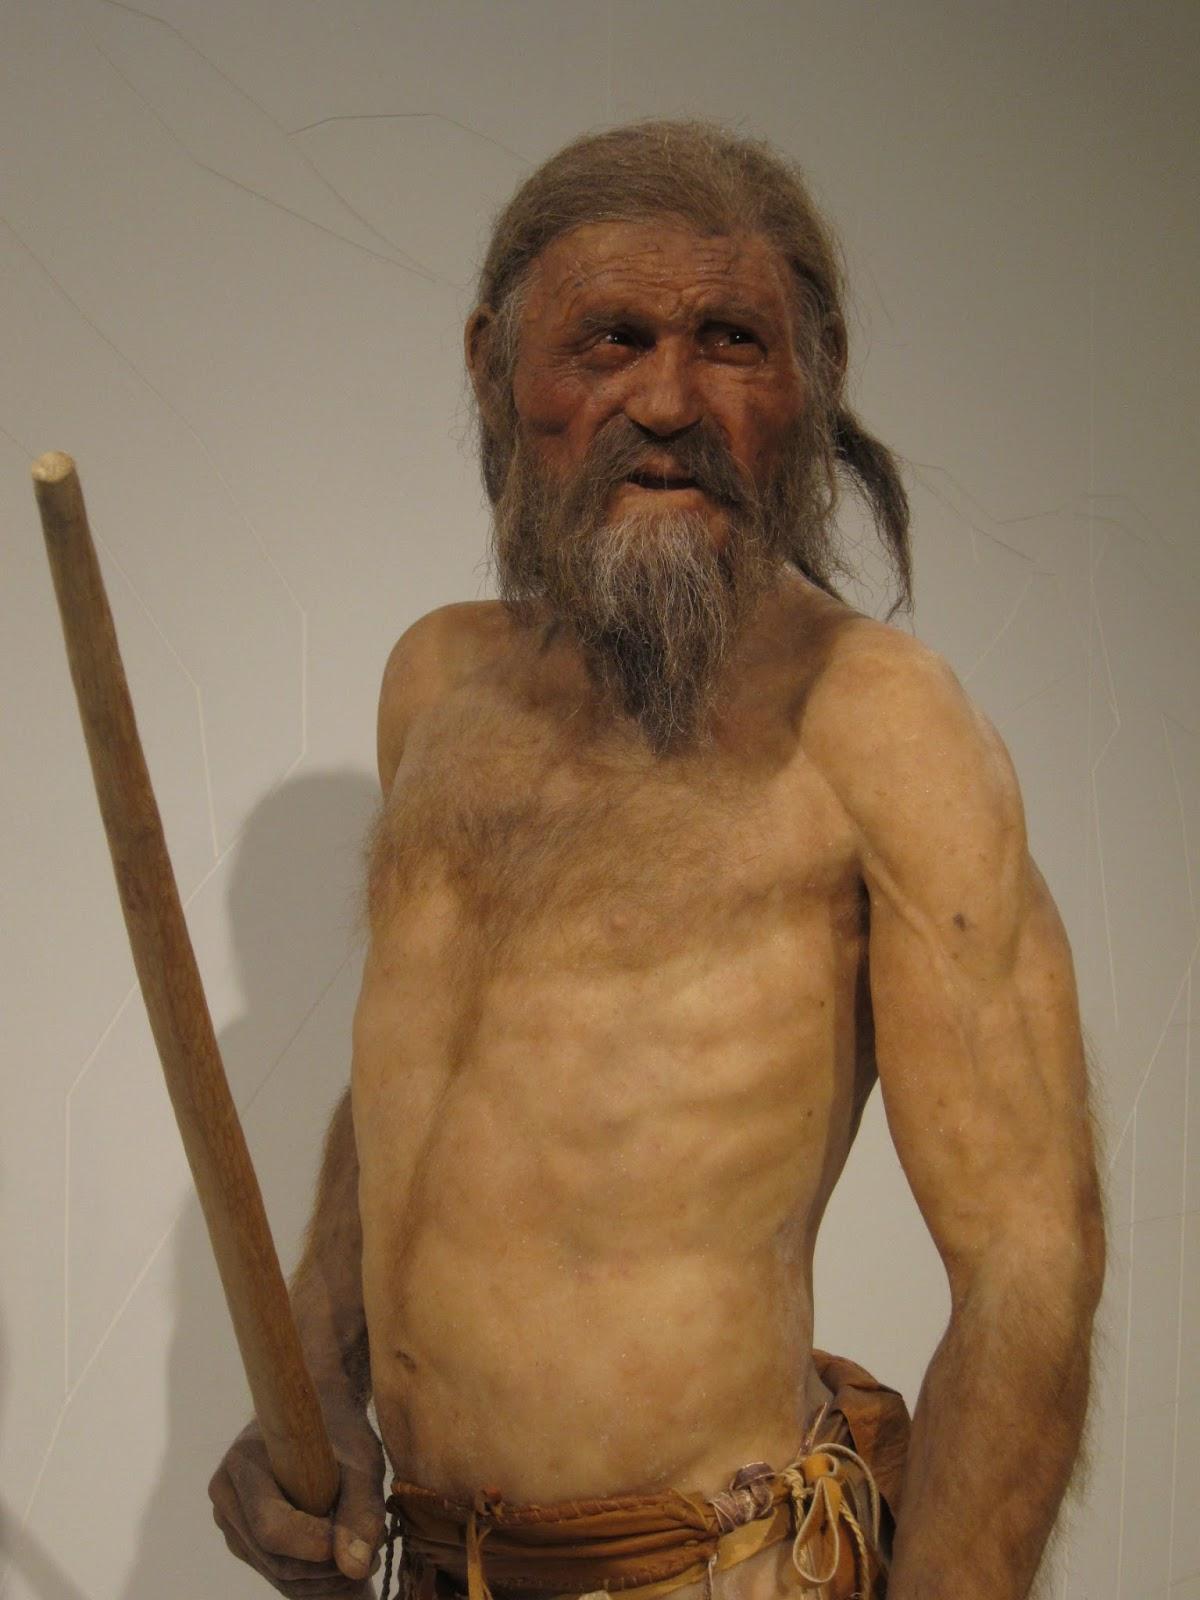 A LA RECHERCHE DE - IN SEARCH OF...: Copper Age Frozen Relic: Oetzi the  Iceman